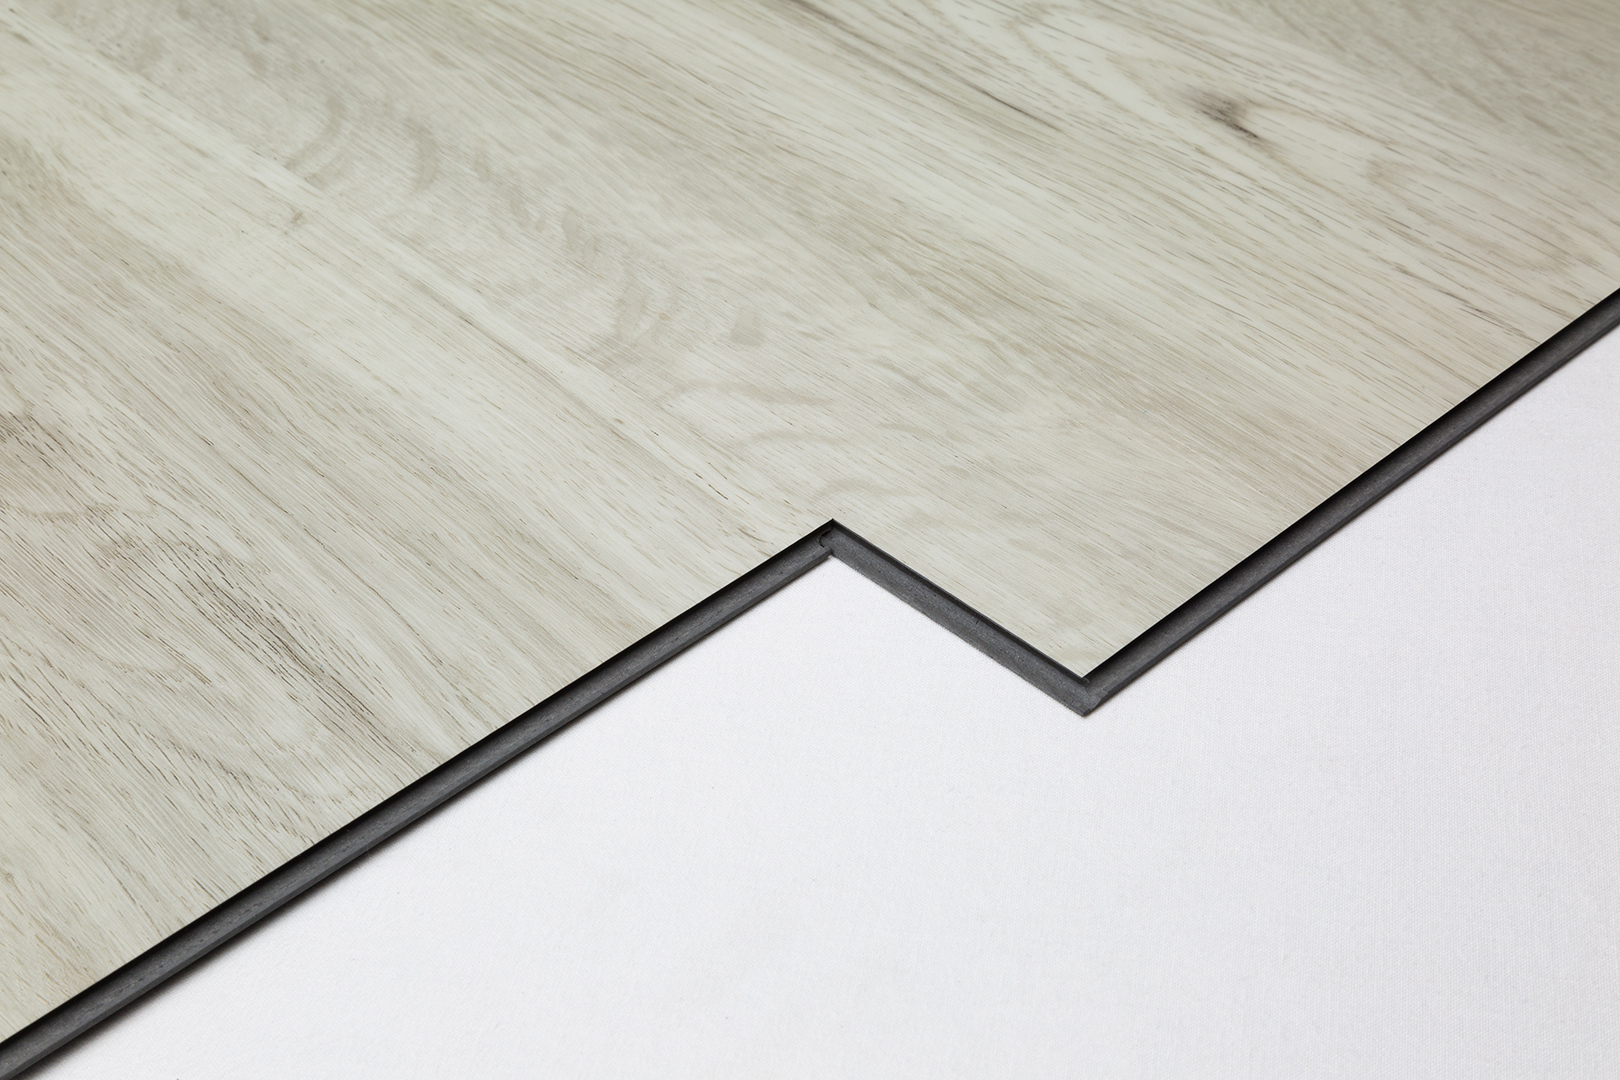 2 12 M Vinylboden 4 2mm Uniclic Dielen Klick Vinyl Nutzschicht 0